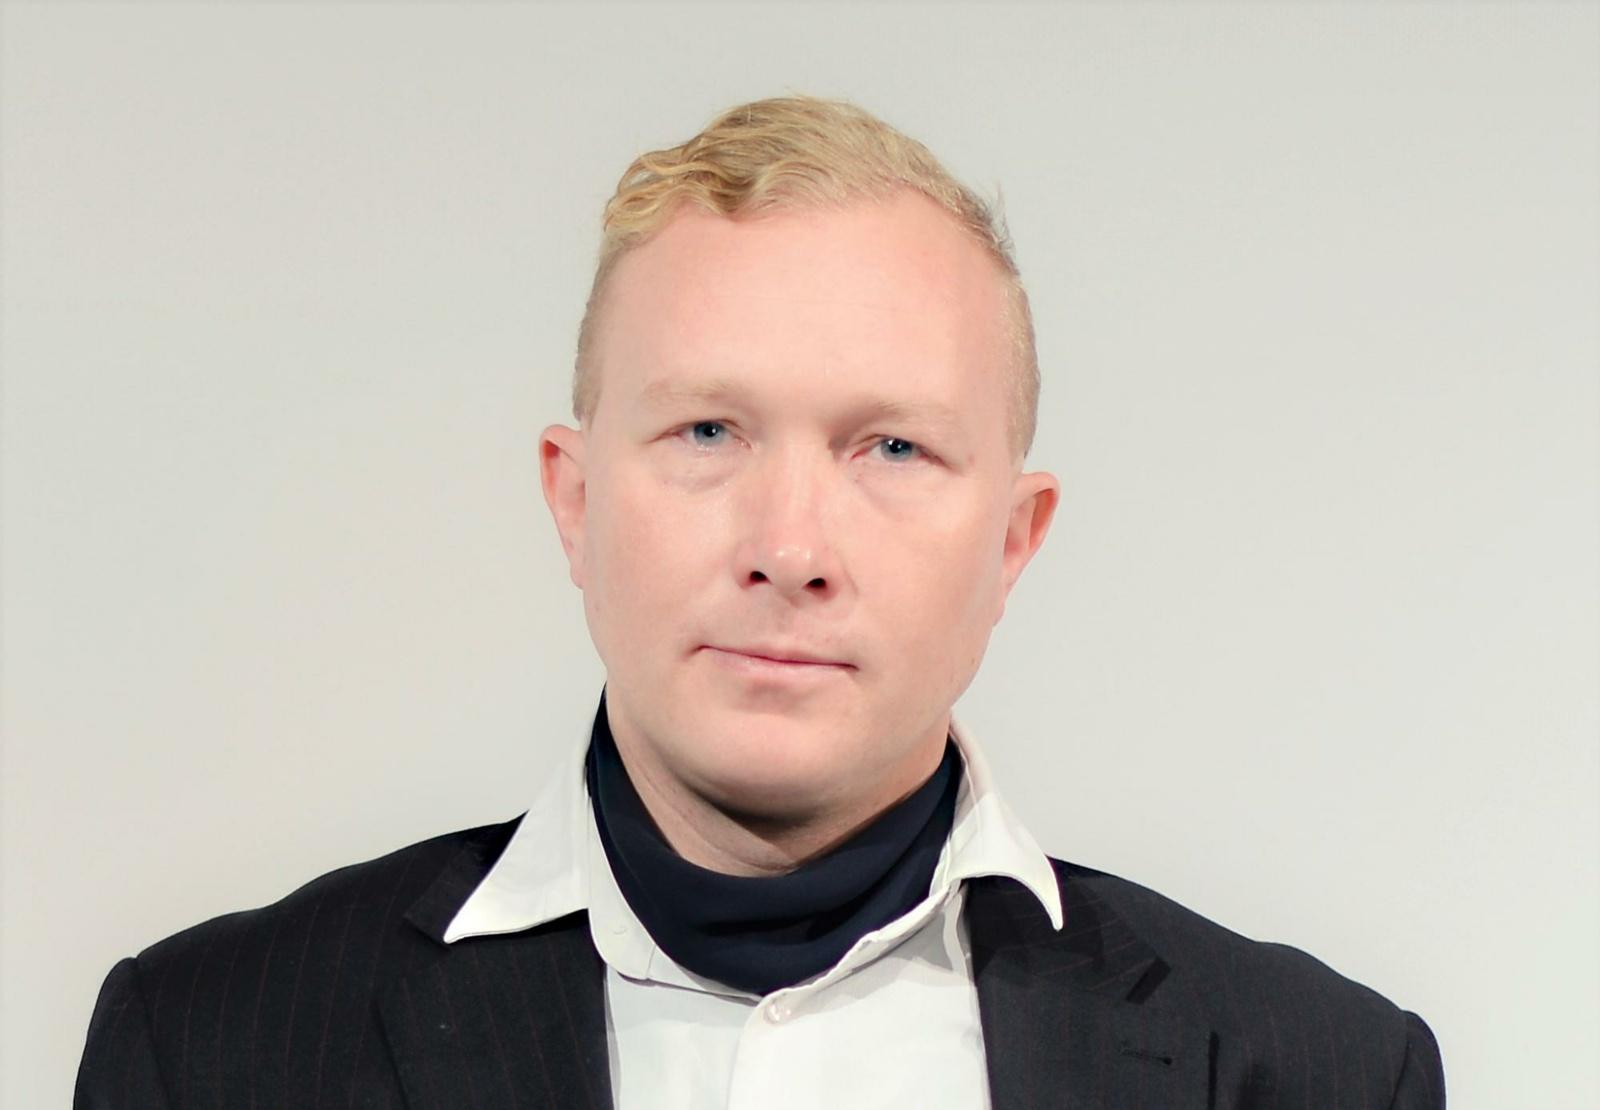 T. Tamulevičių Alytaus miesto taryboje pakeis T. Sutkaitis